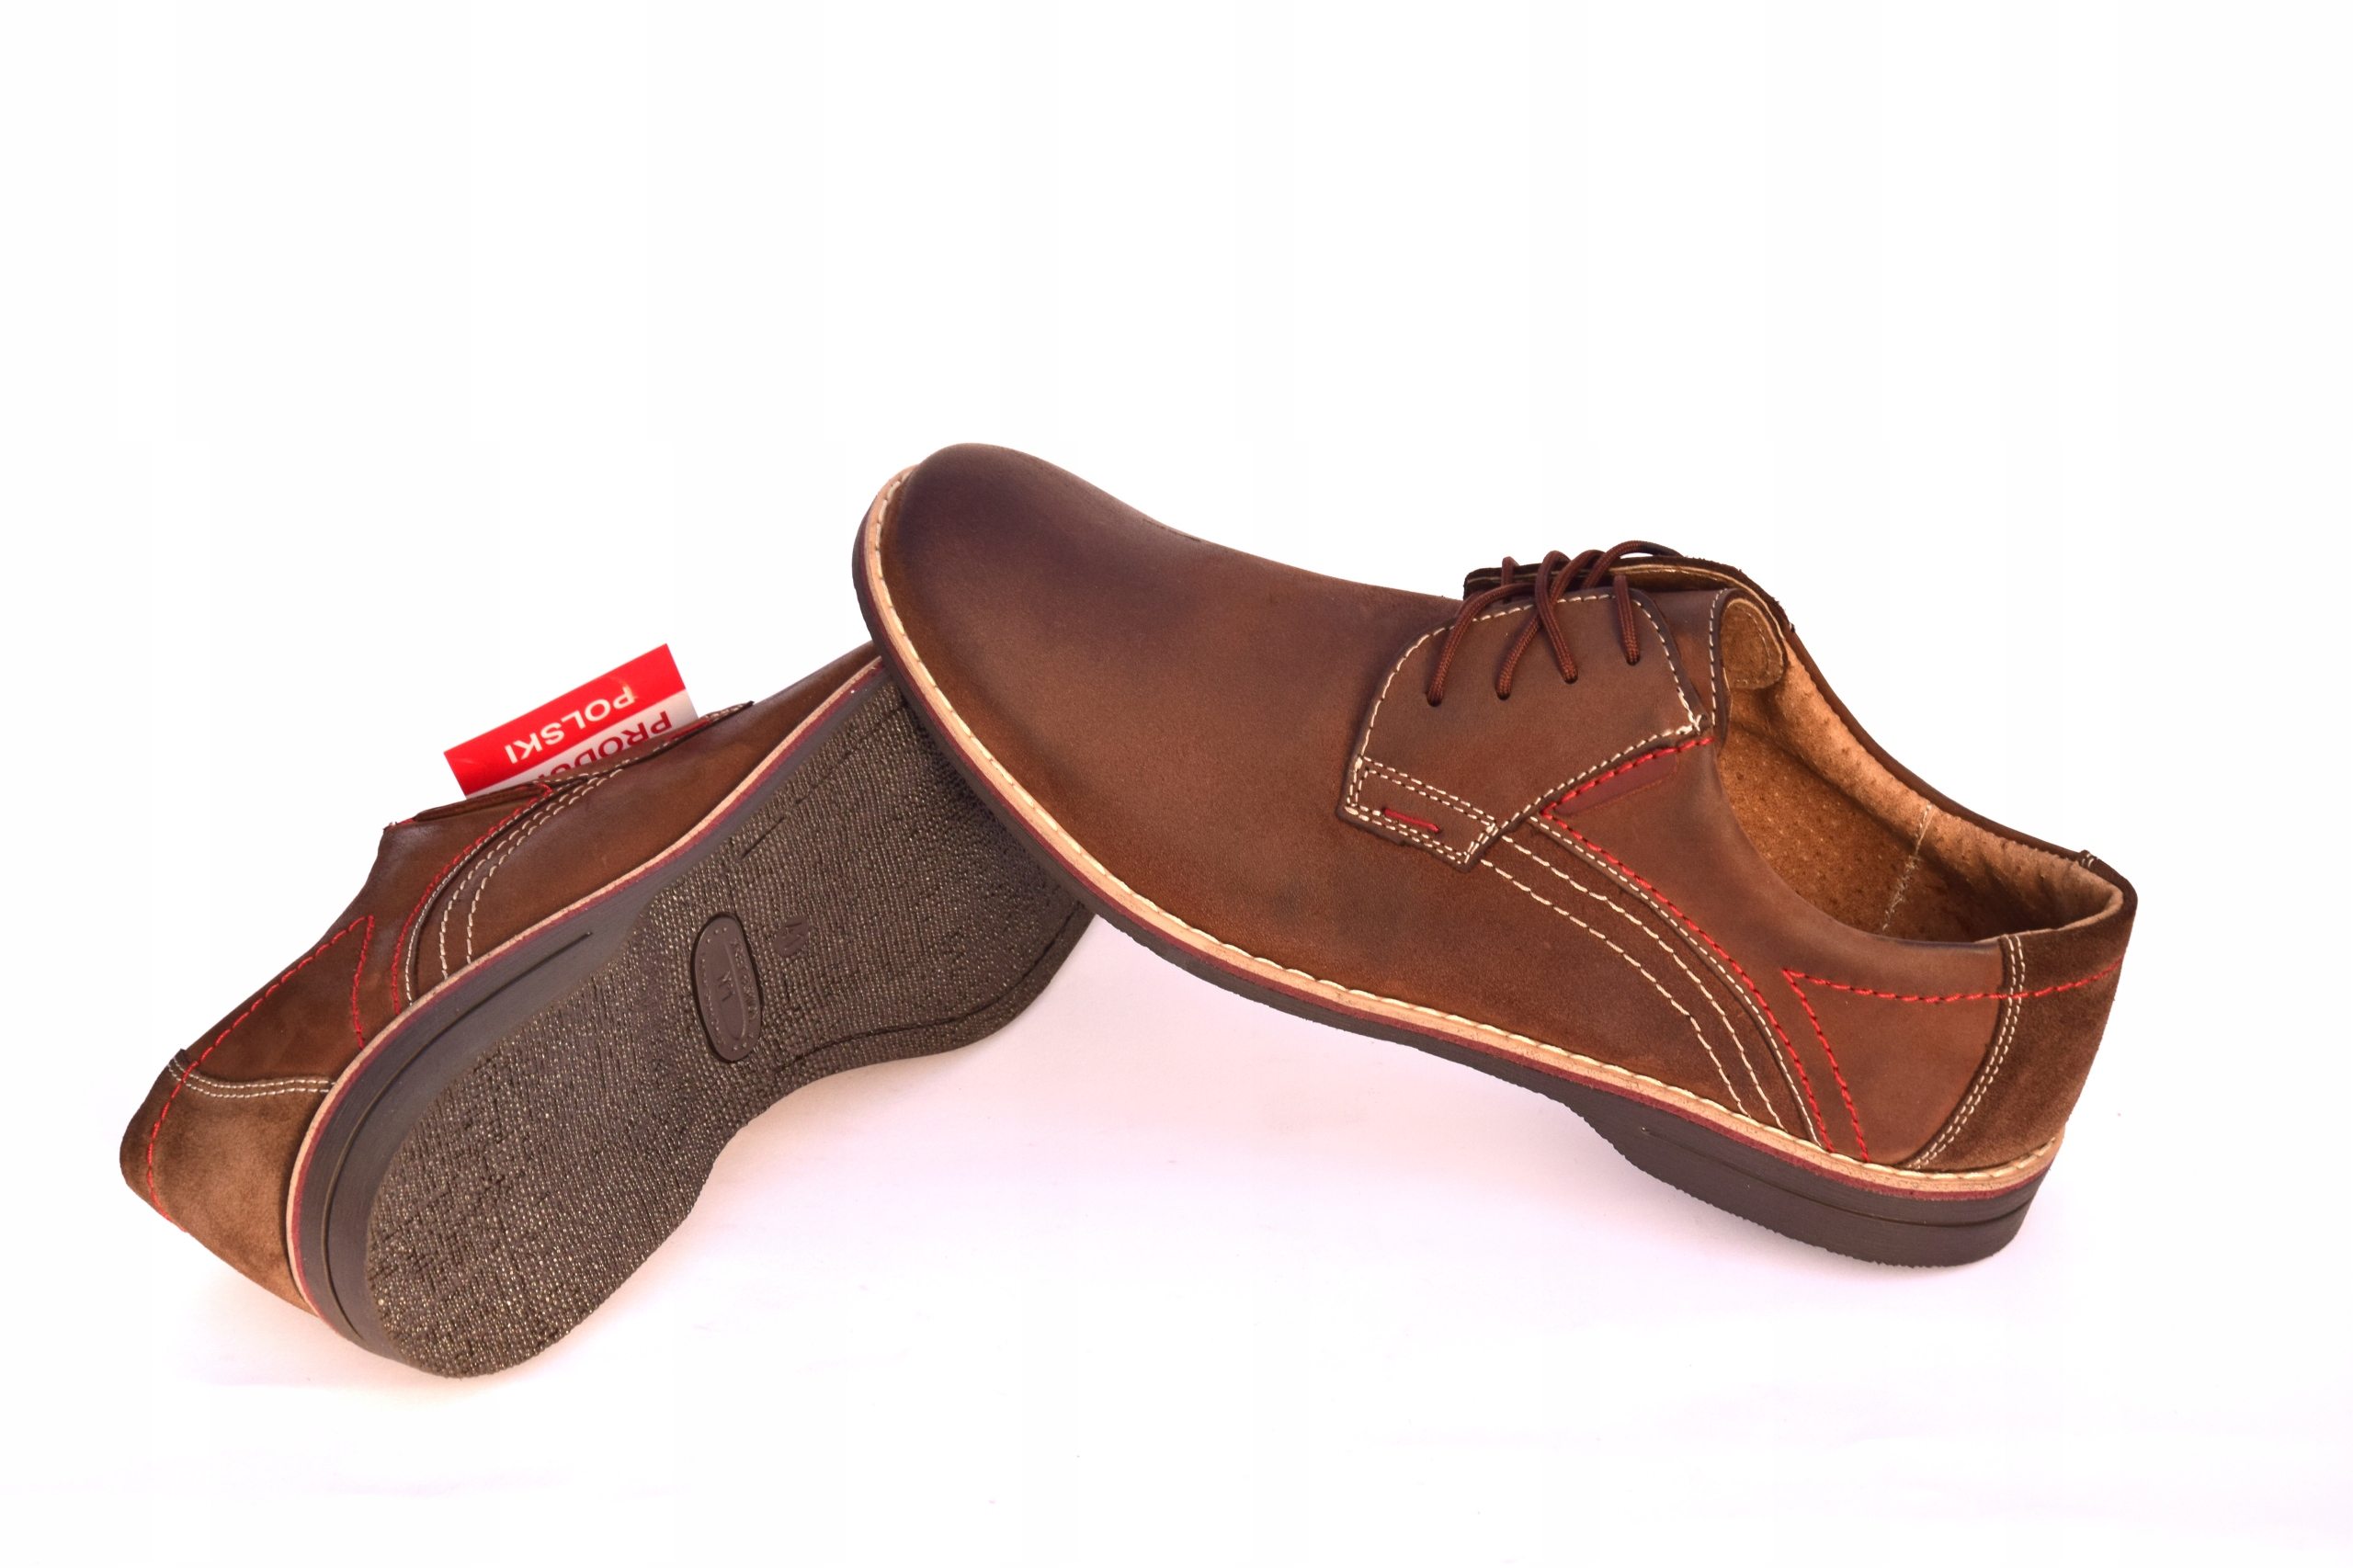 Buty męskie brązowe obuwie skórzane polskie 242 Materiał wkładki skóra naturalna